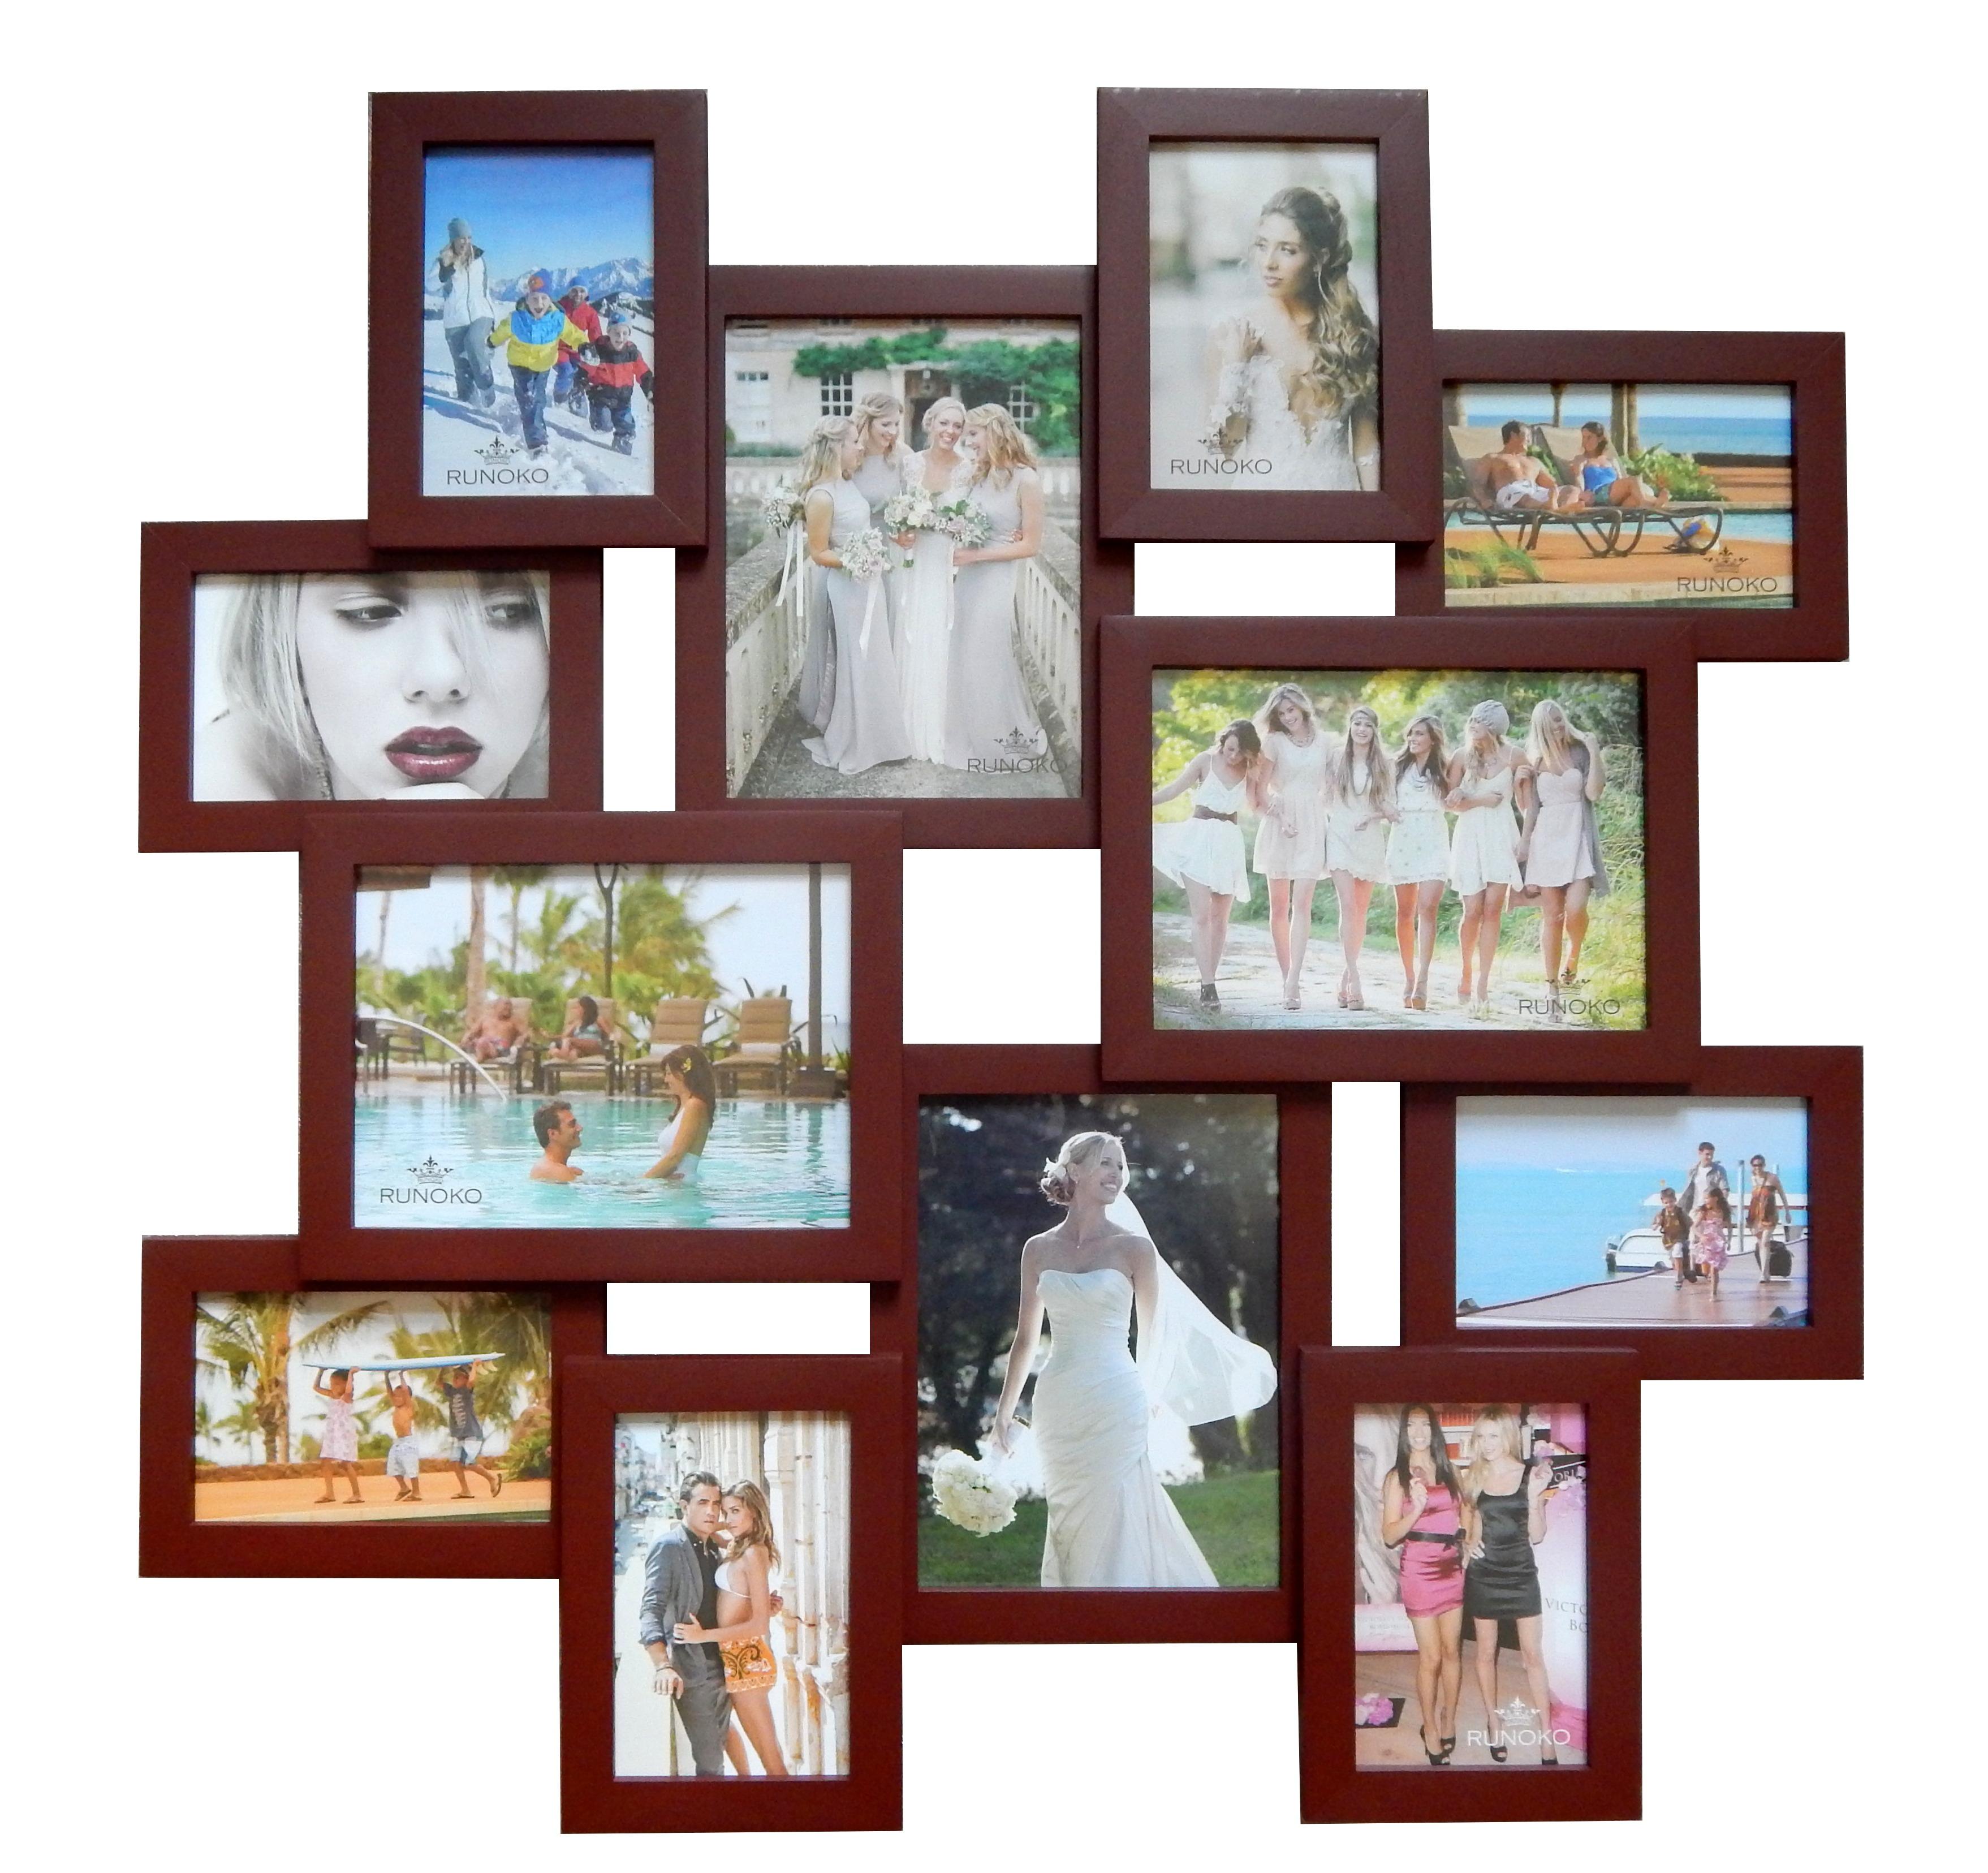 купить рамка для фото на стену на несколько фотографий Одесса